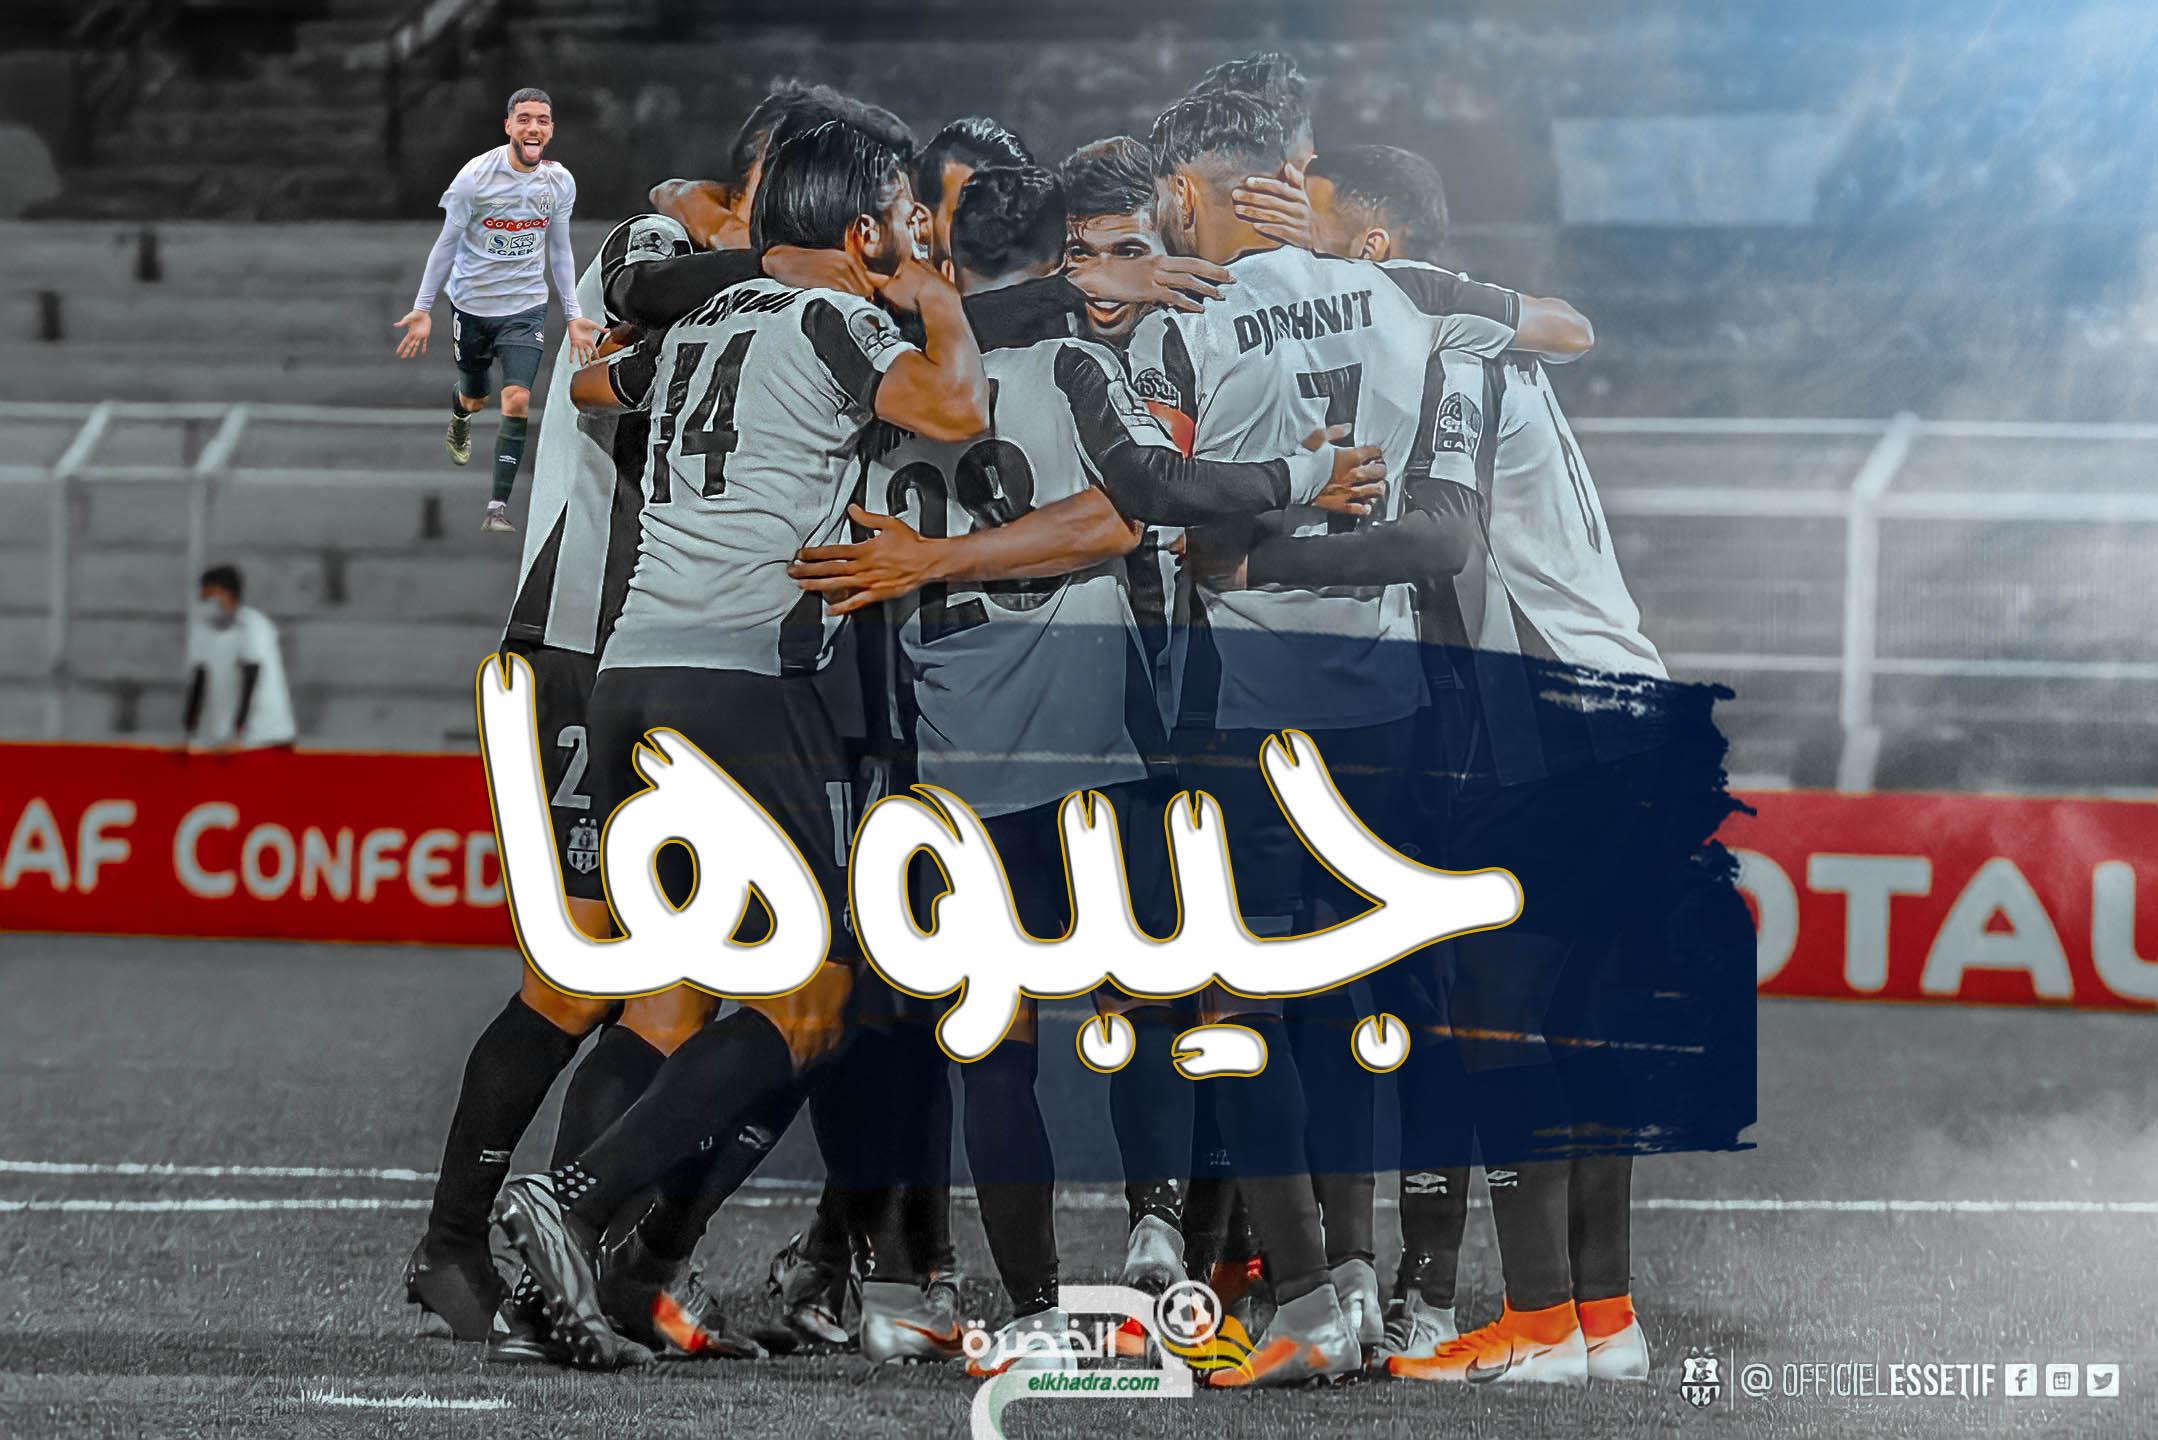 موعد مباراة وفاق سطيف الجزائري والأهلي بنغازي في كأس الكونفدرالية الإفريقية والقناة الناقلة 3